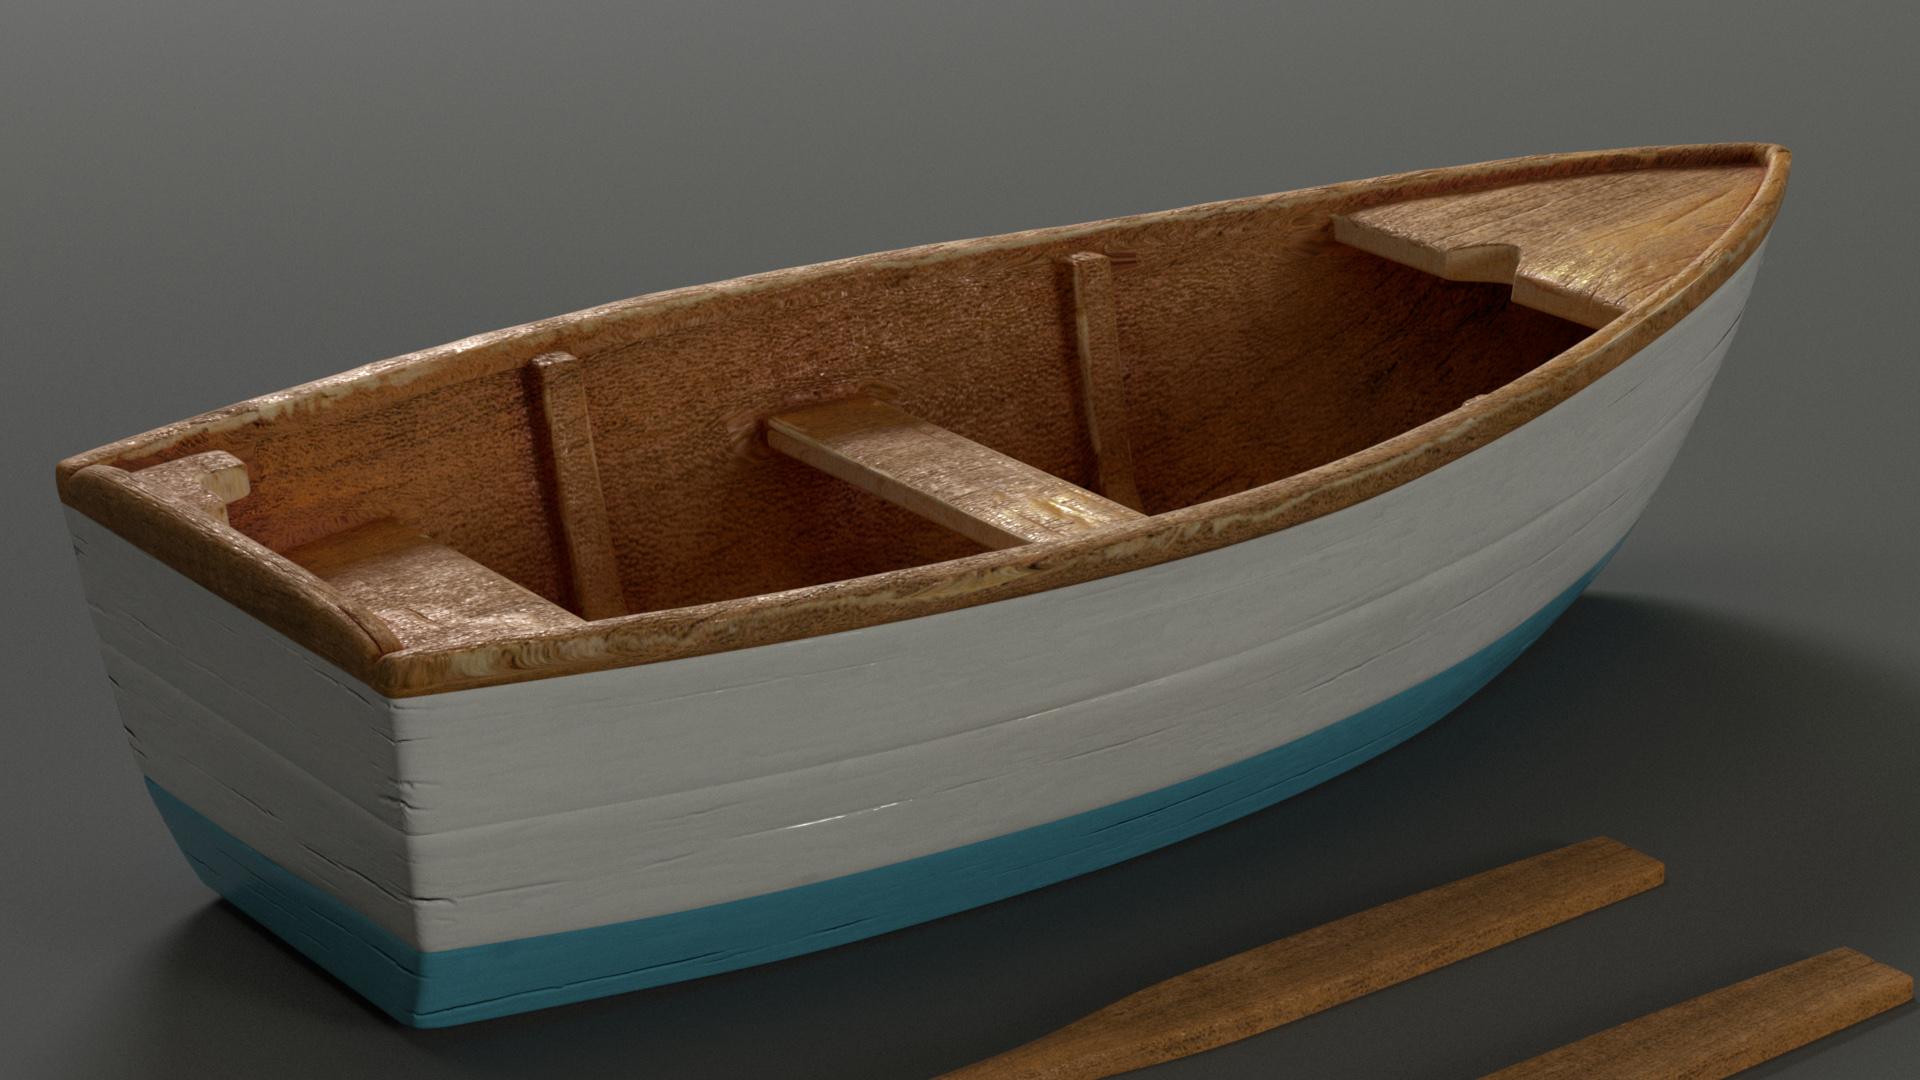 Boat: